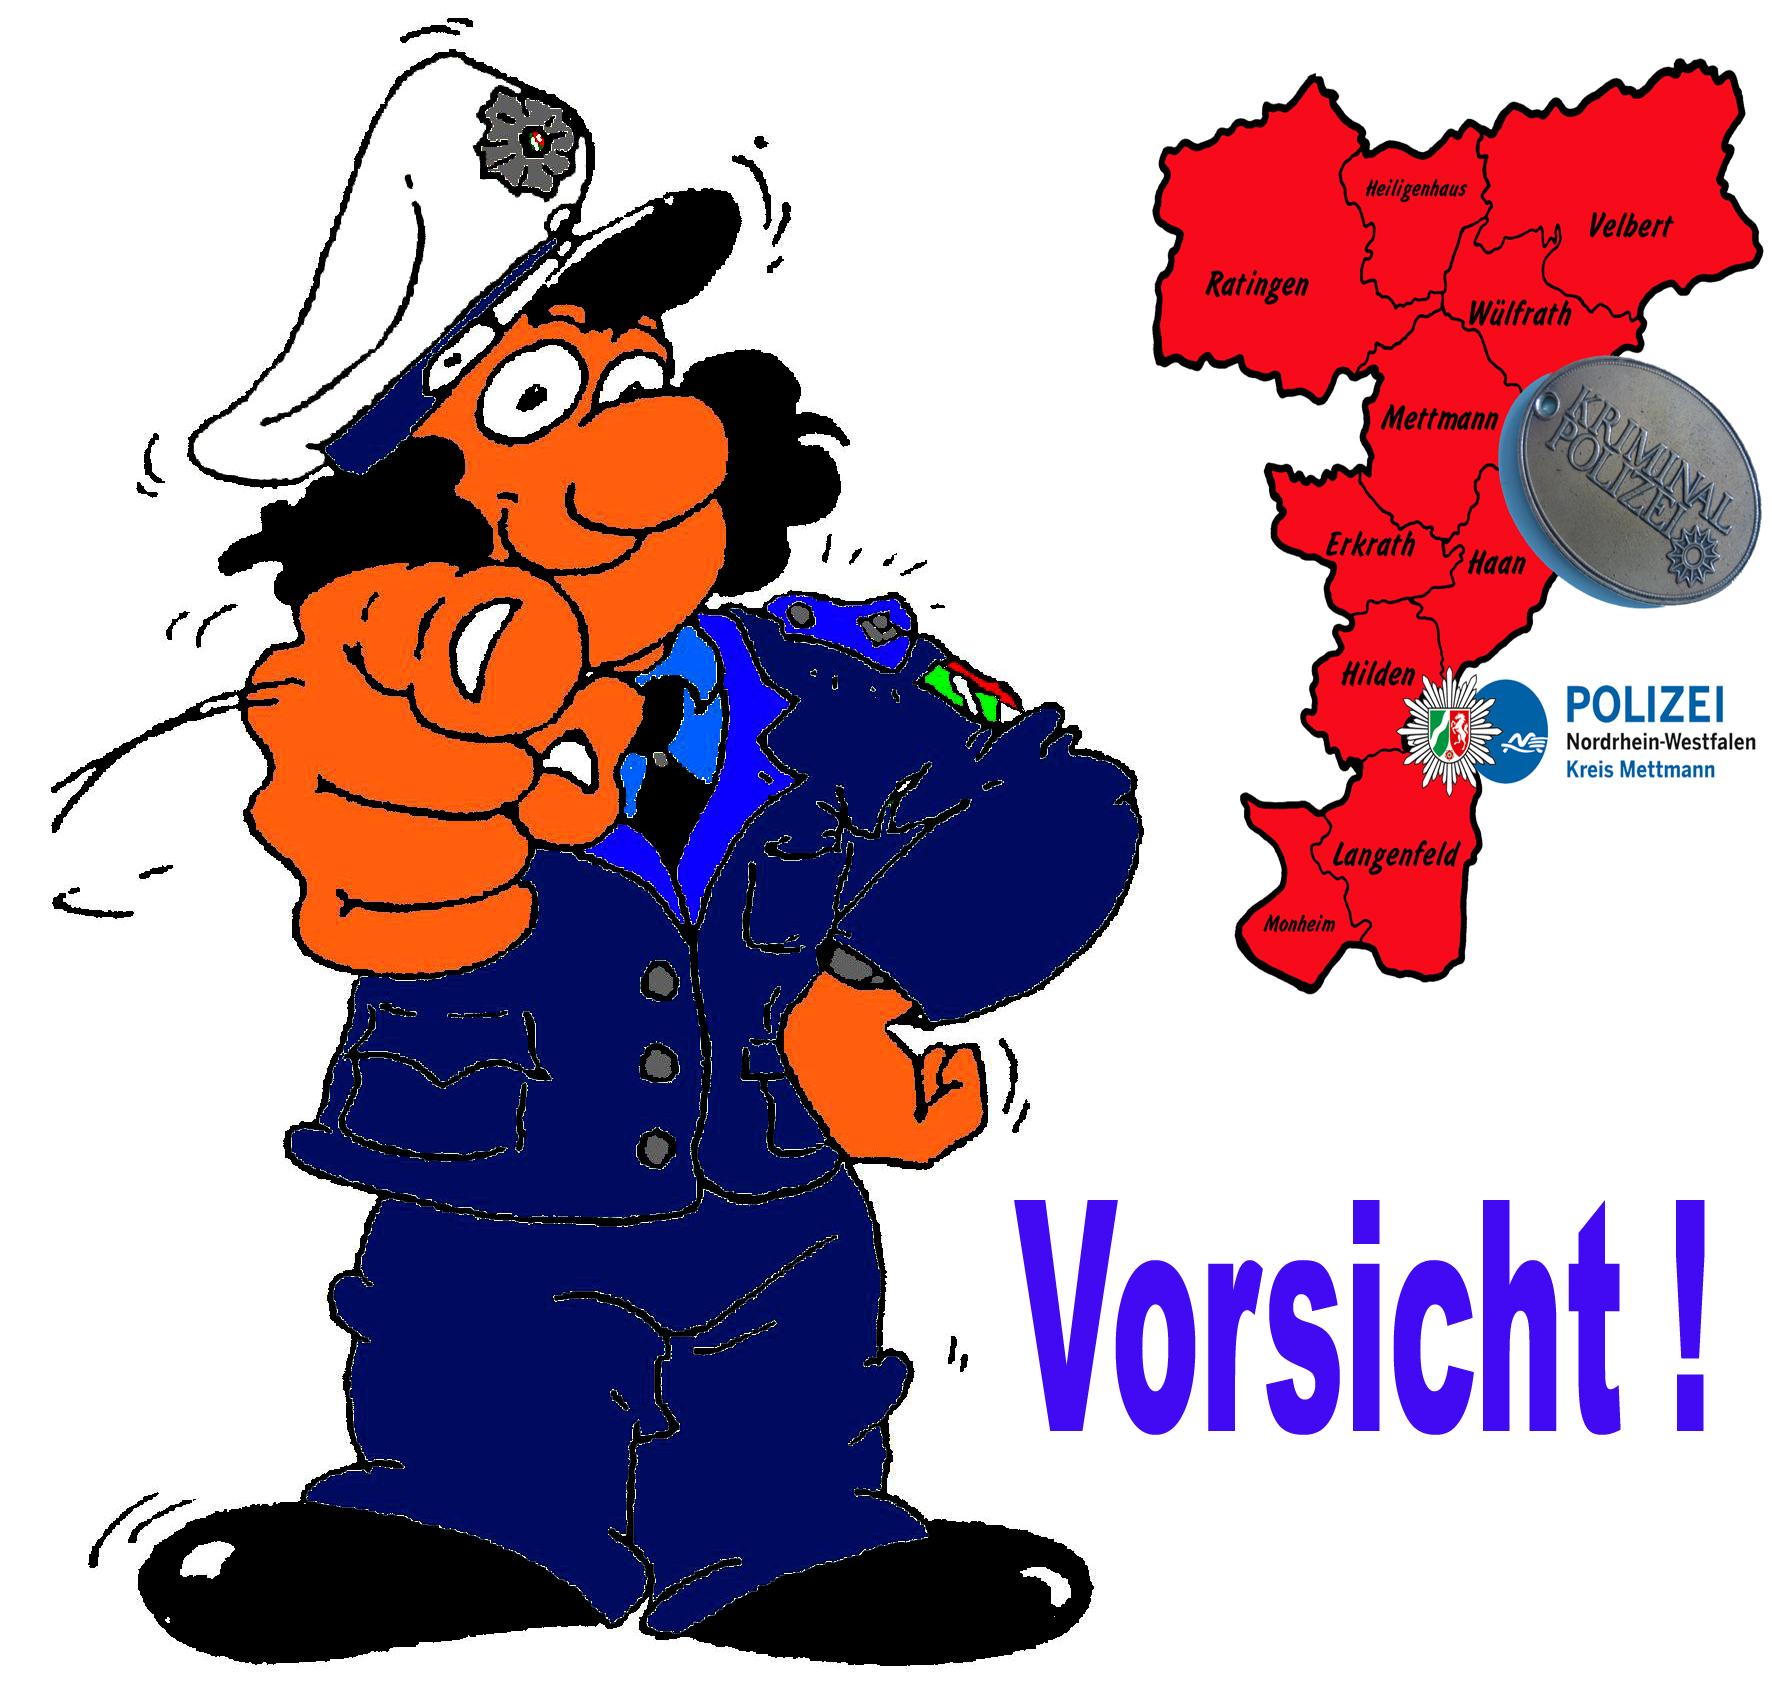 """Polizei warnt erneut vor dem """"Wechseltrick"""" - ... (Foto: OTS)"""